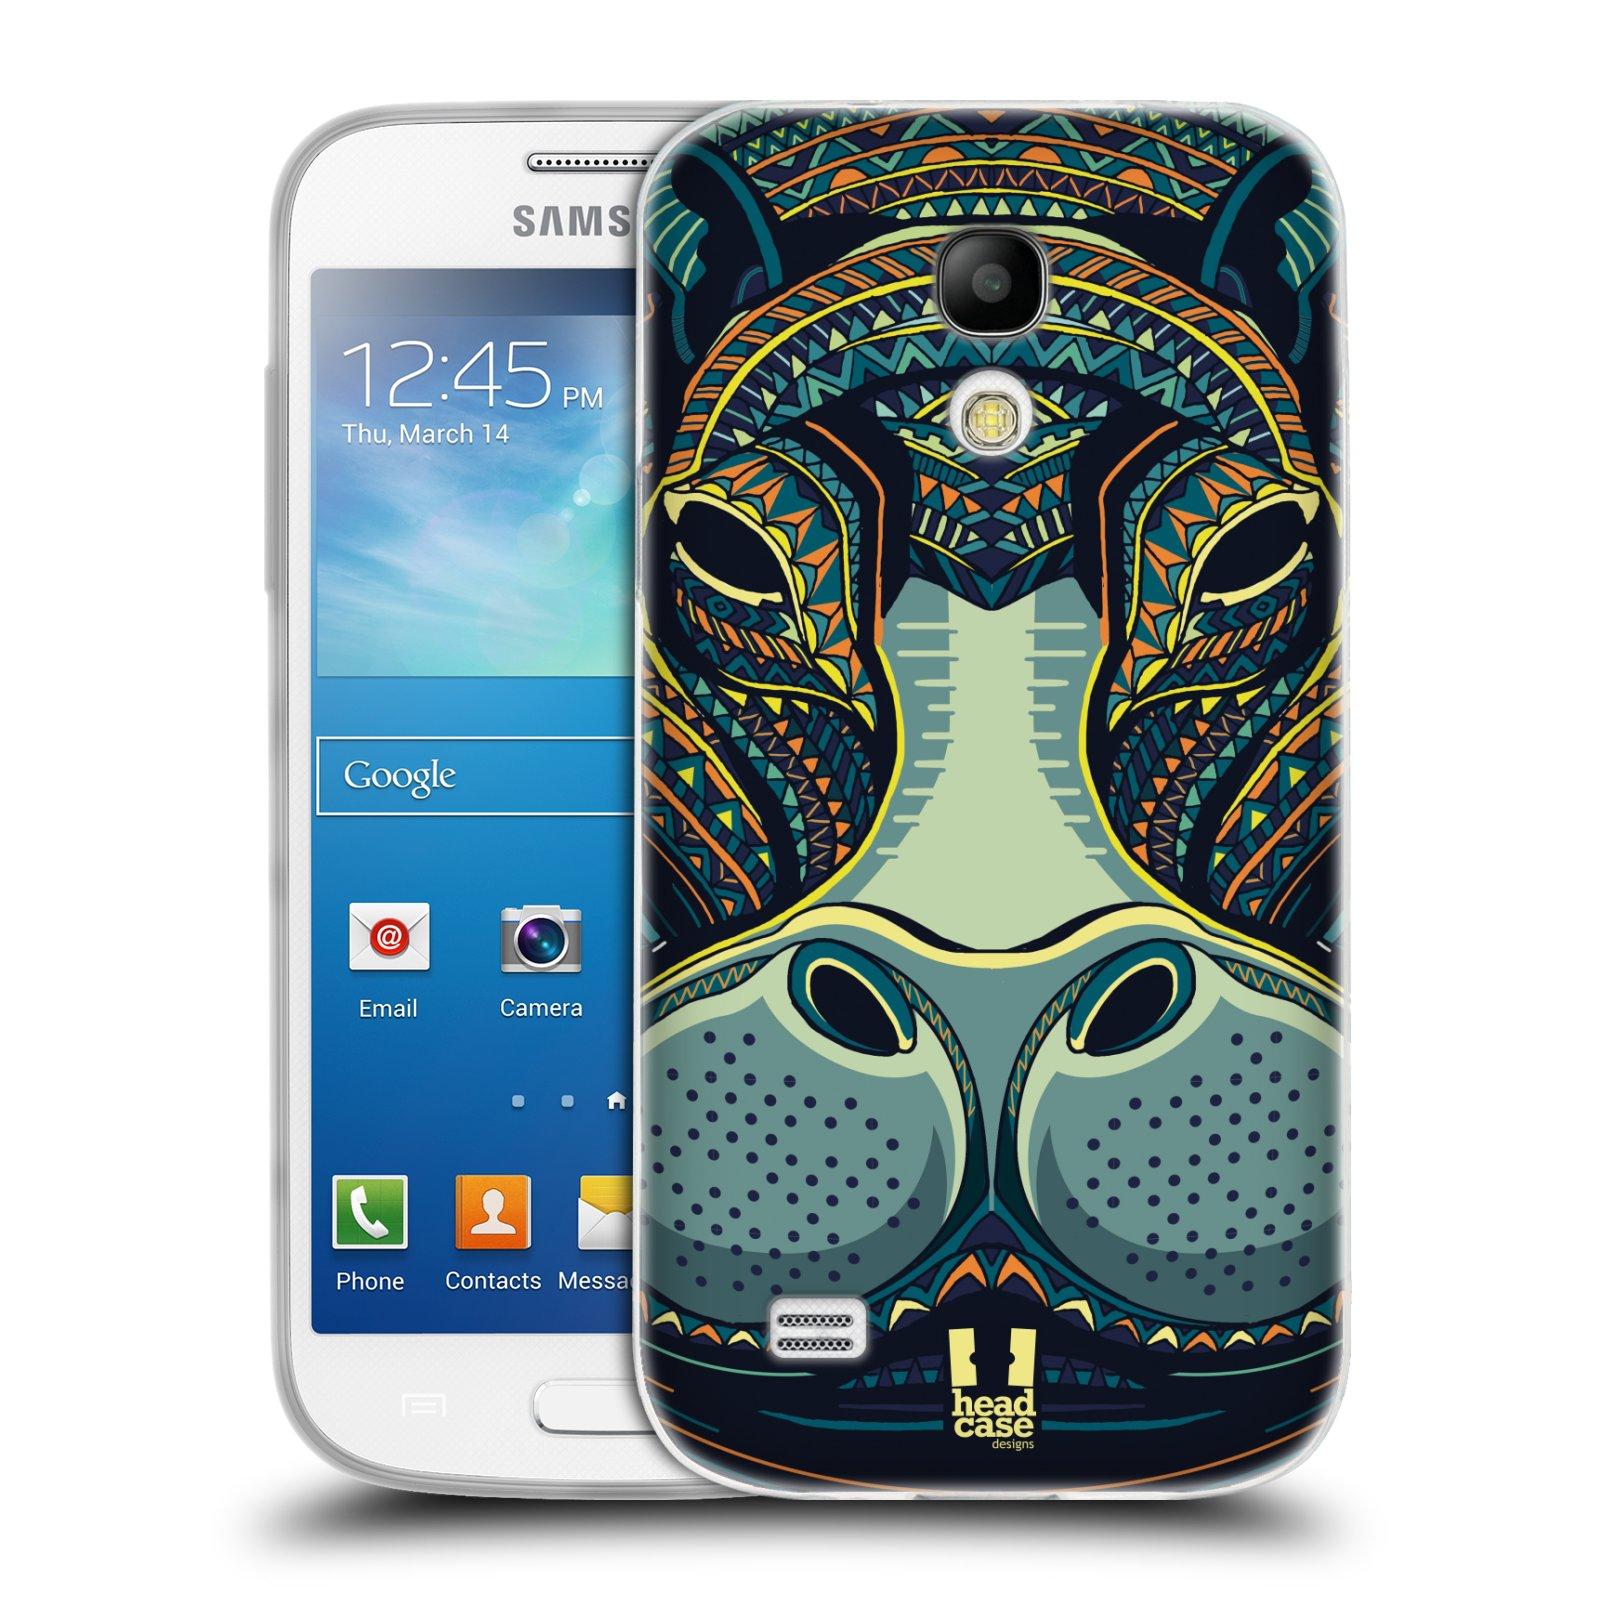 Silikonové pouzdro na mobil Samsung Galaxy S4 Mini HEAD CASE AZTEC HROCH (Silikonový kryt či obal na mobilní telefon Samsung Galaxy S4 Mini GT-i9195 / i9190 (nepasuje na verzi Black Edition))